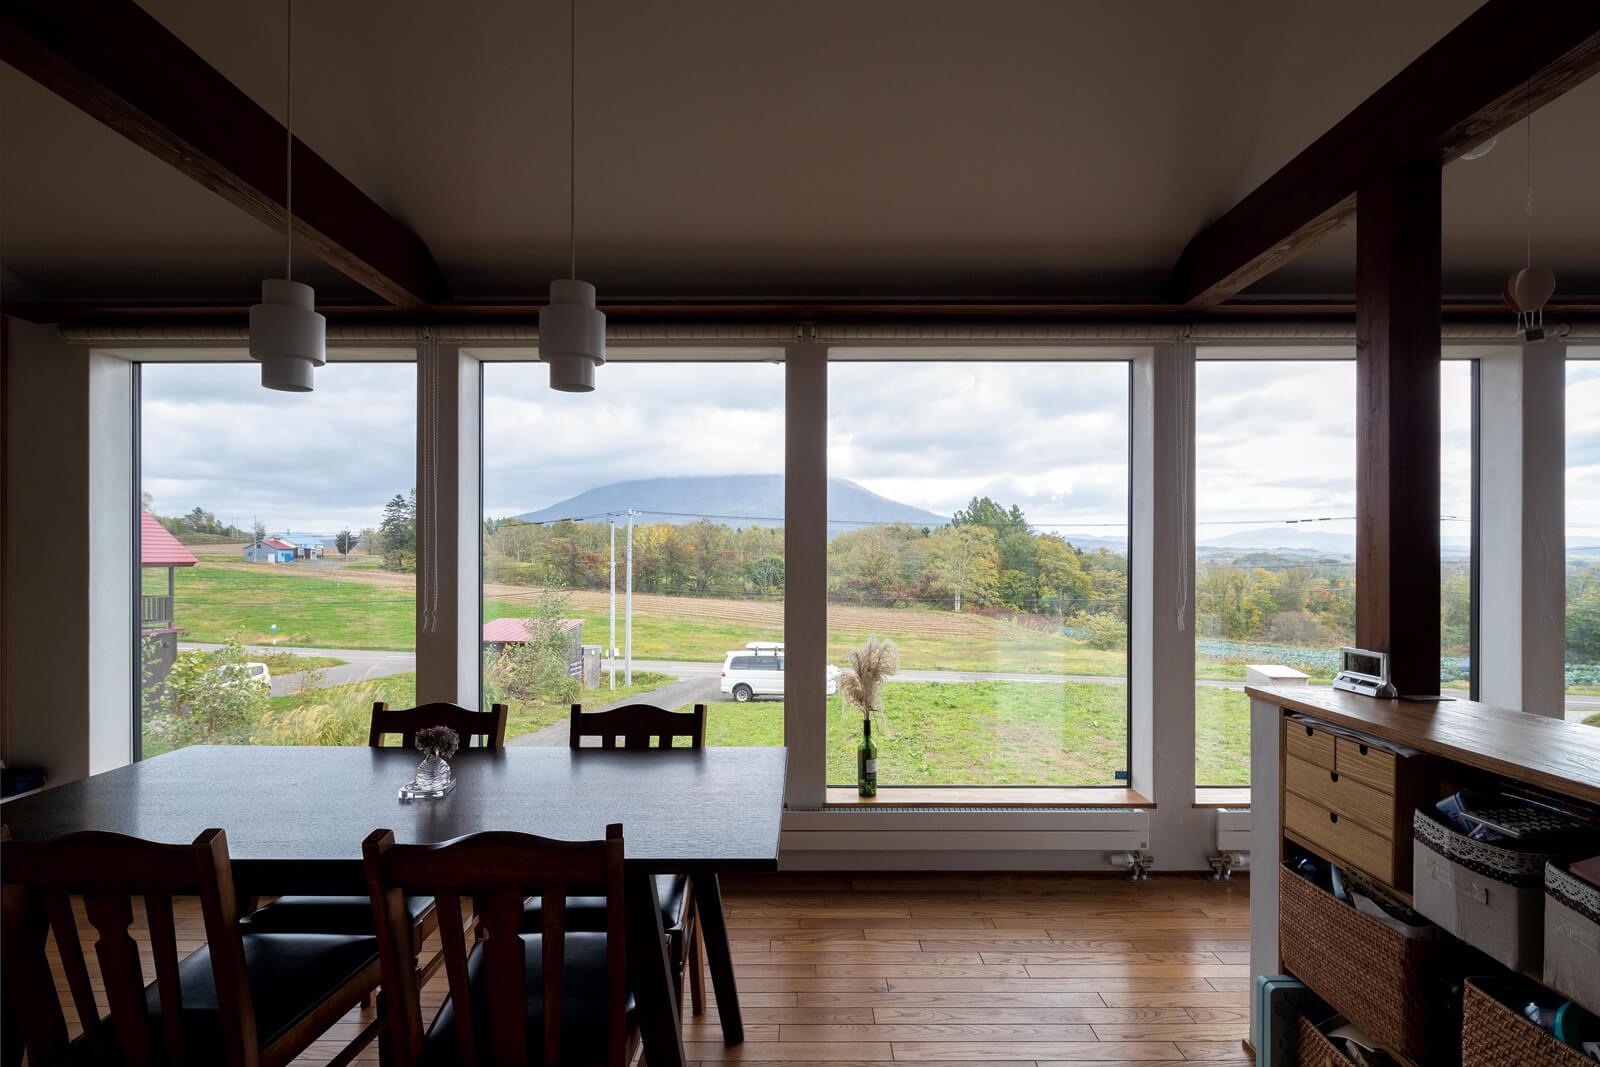 6枚の大窓には高断熱のトリプルガラスを採用。サッシ部分が見えないよう納まりに配慮した